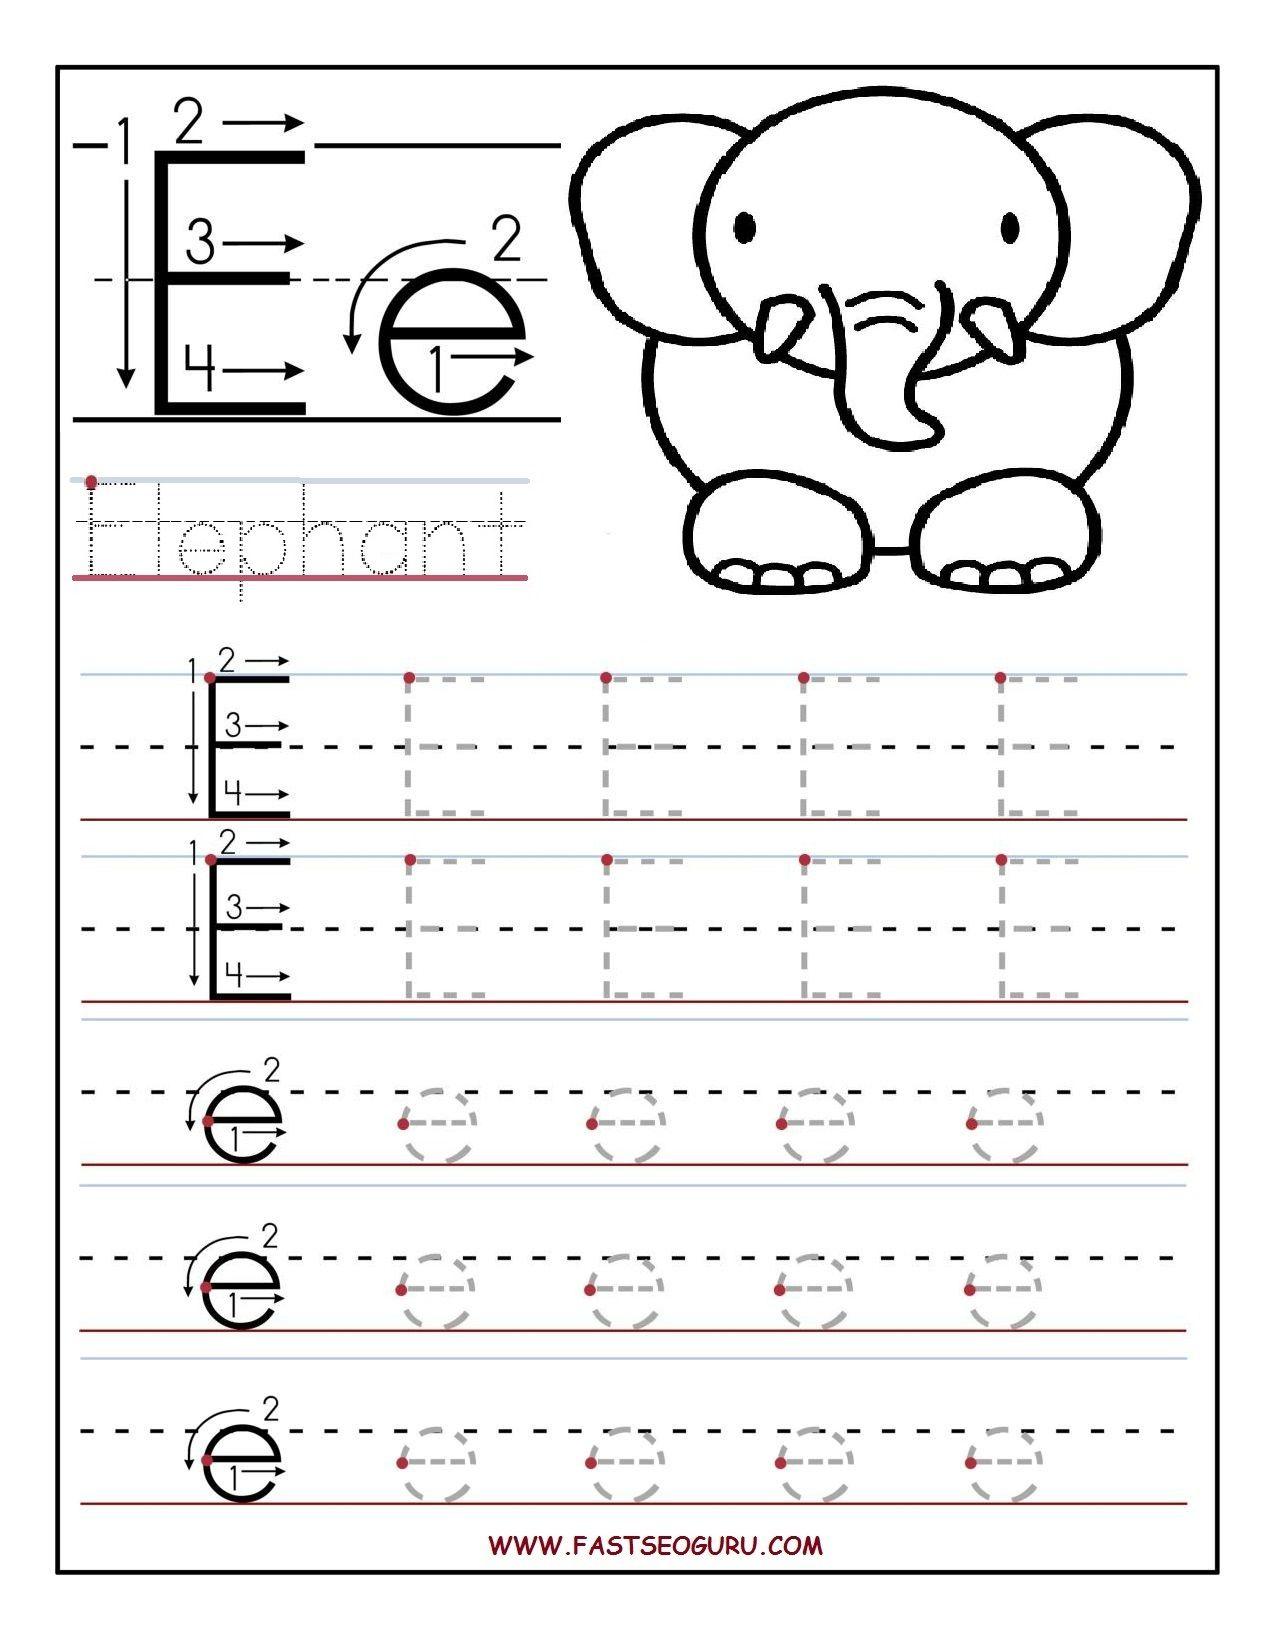 Pinvilfran Gason On Decor | Letter E Worksheets, Letter Tracing | Letter E Printable Worksheets